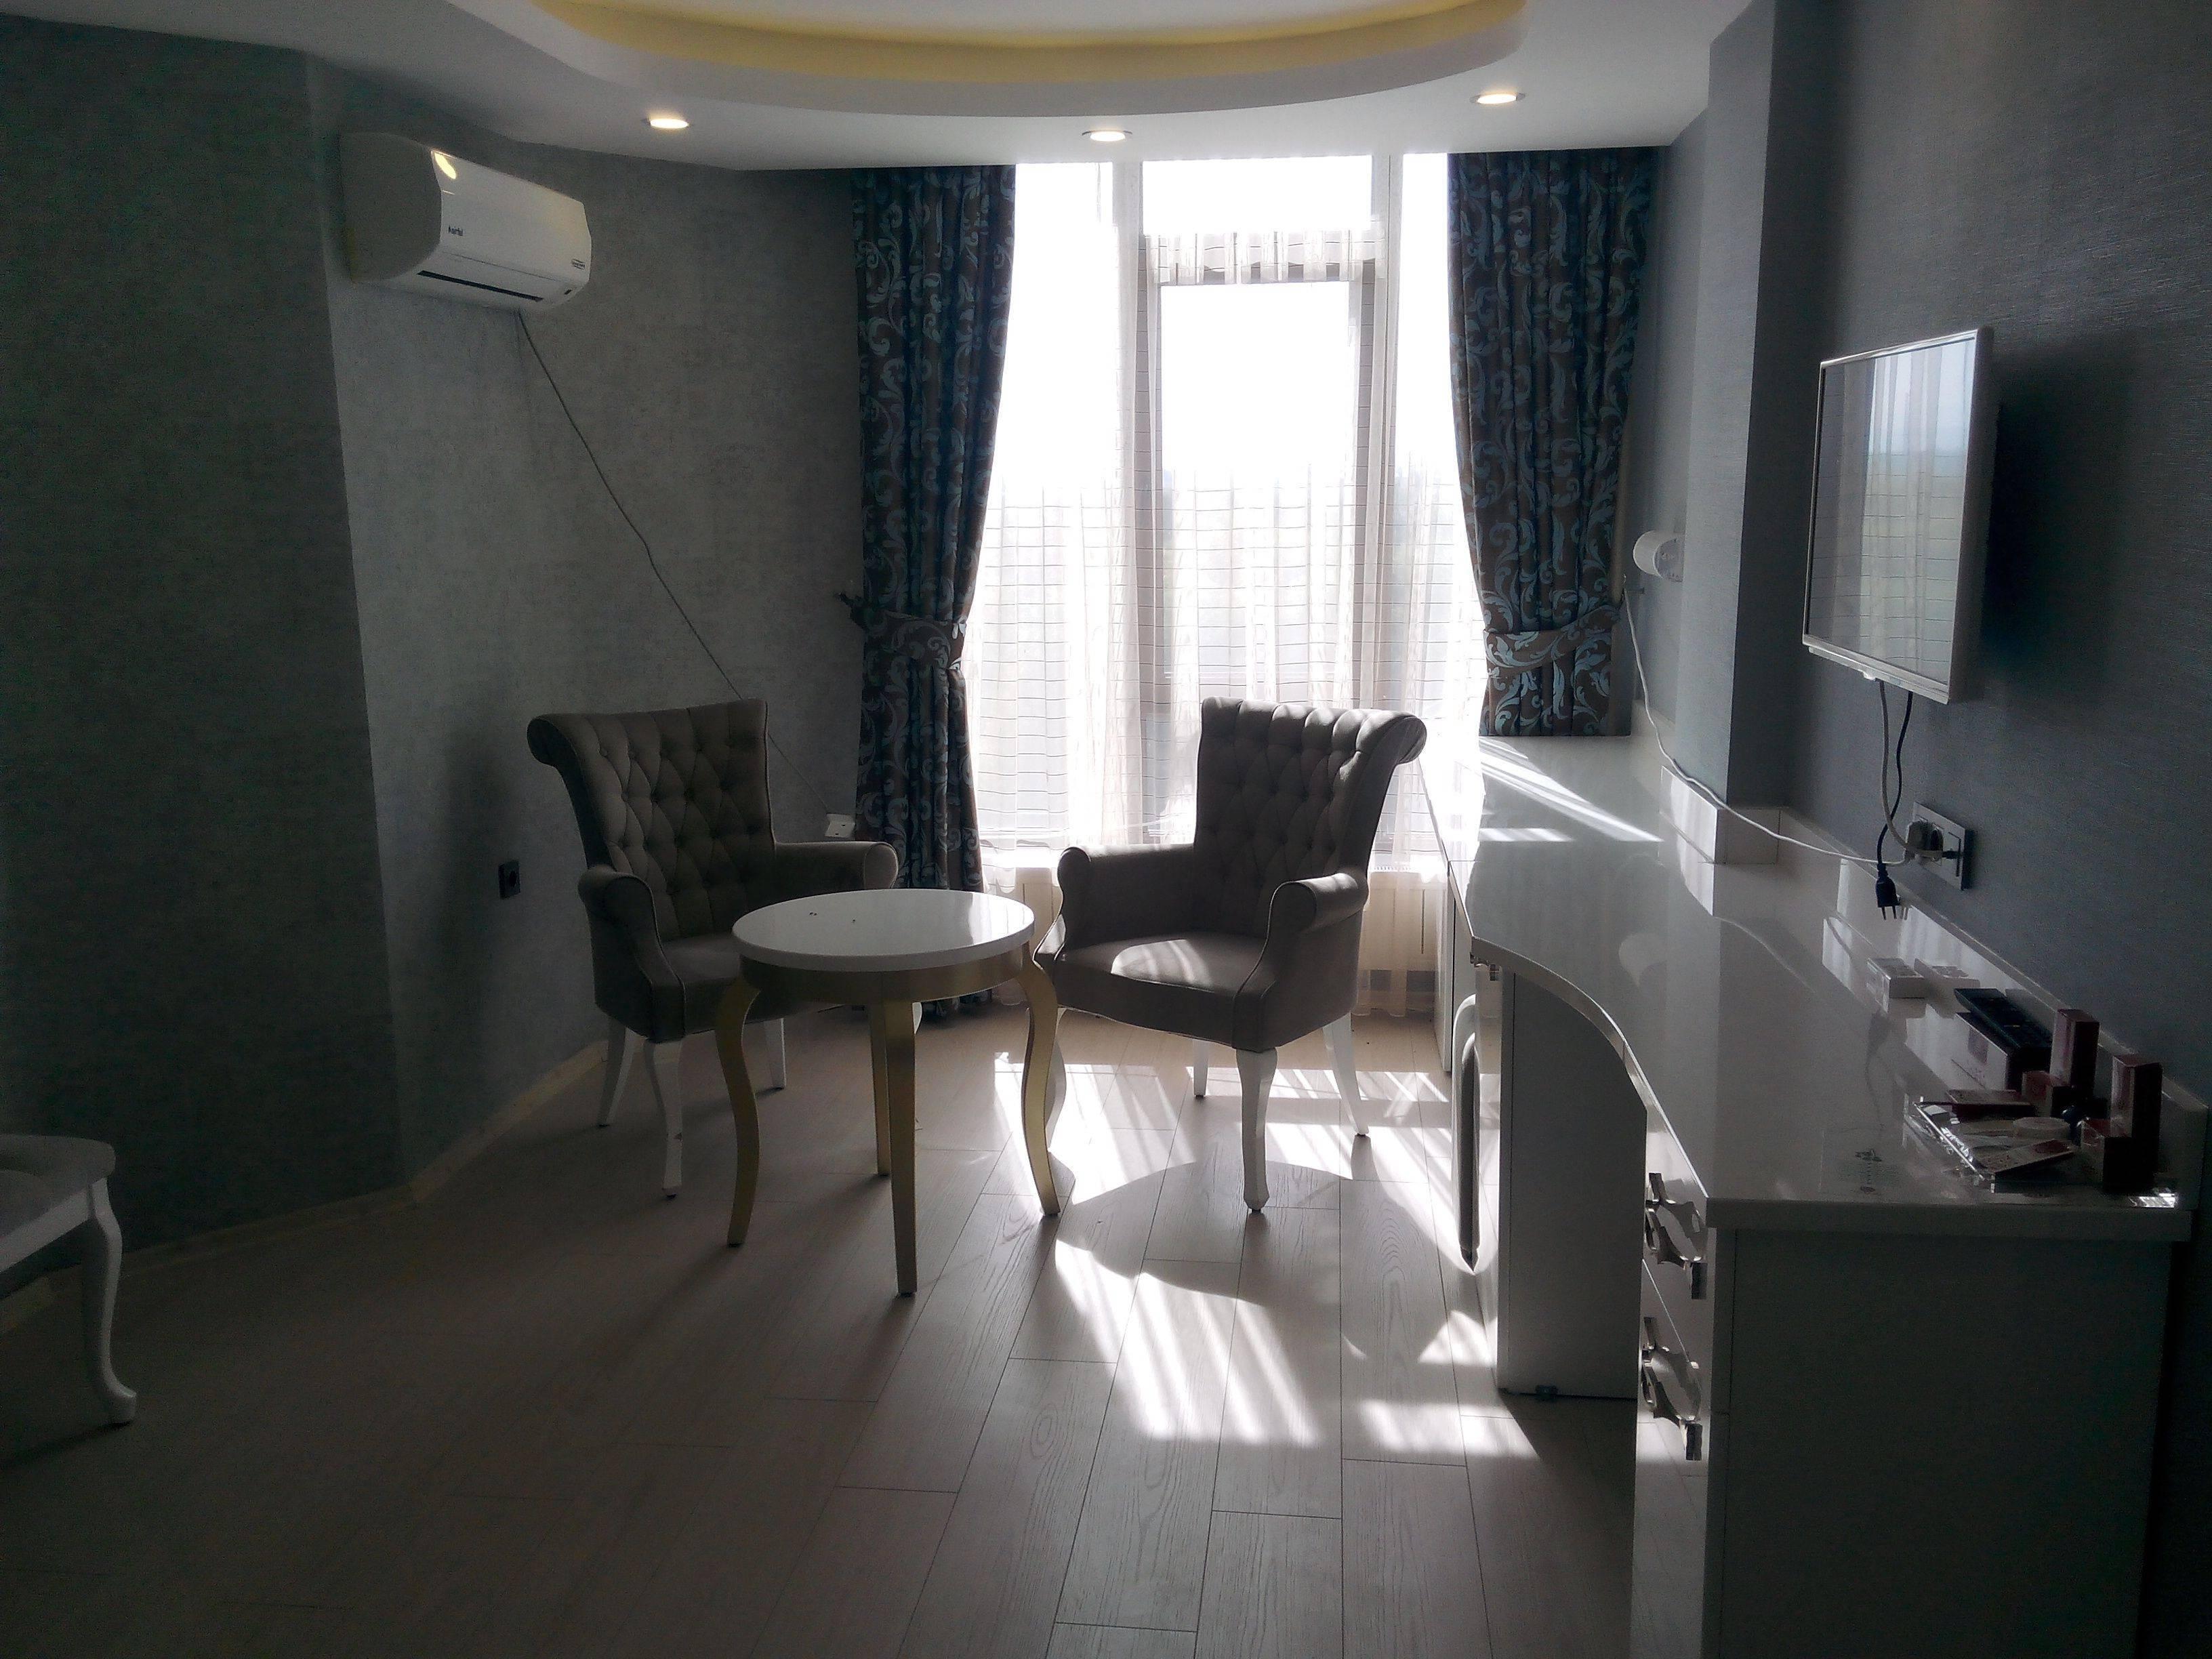 Beyaz Saray Otel, Kırıkkale, Kırıkkale Merkez, 24458